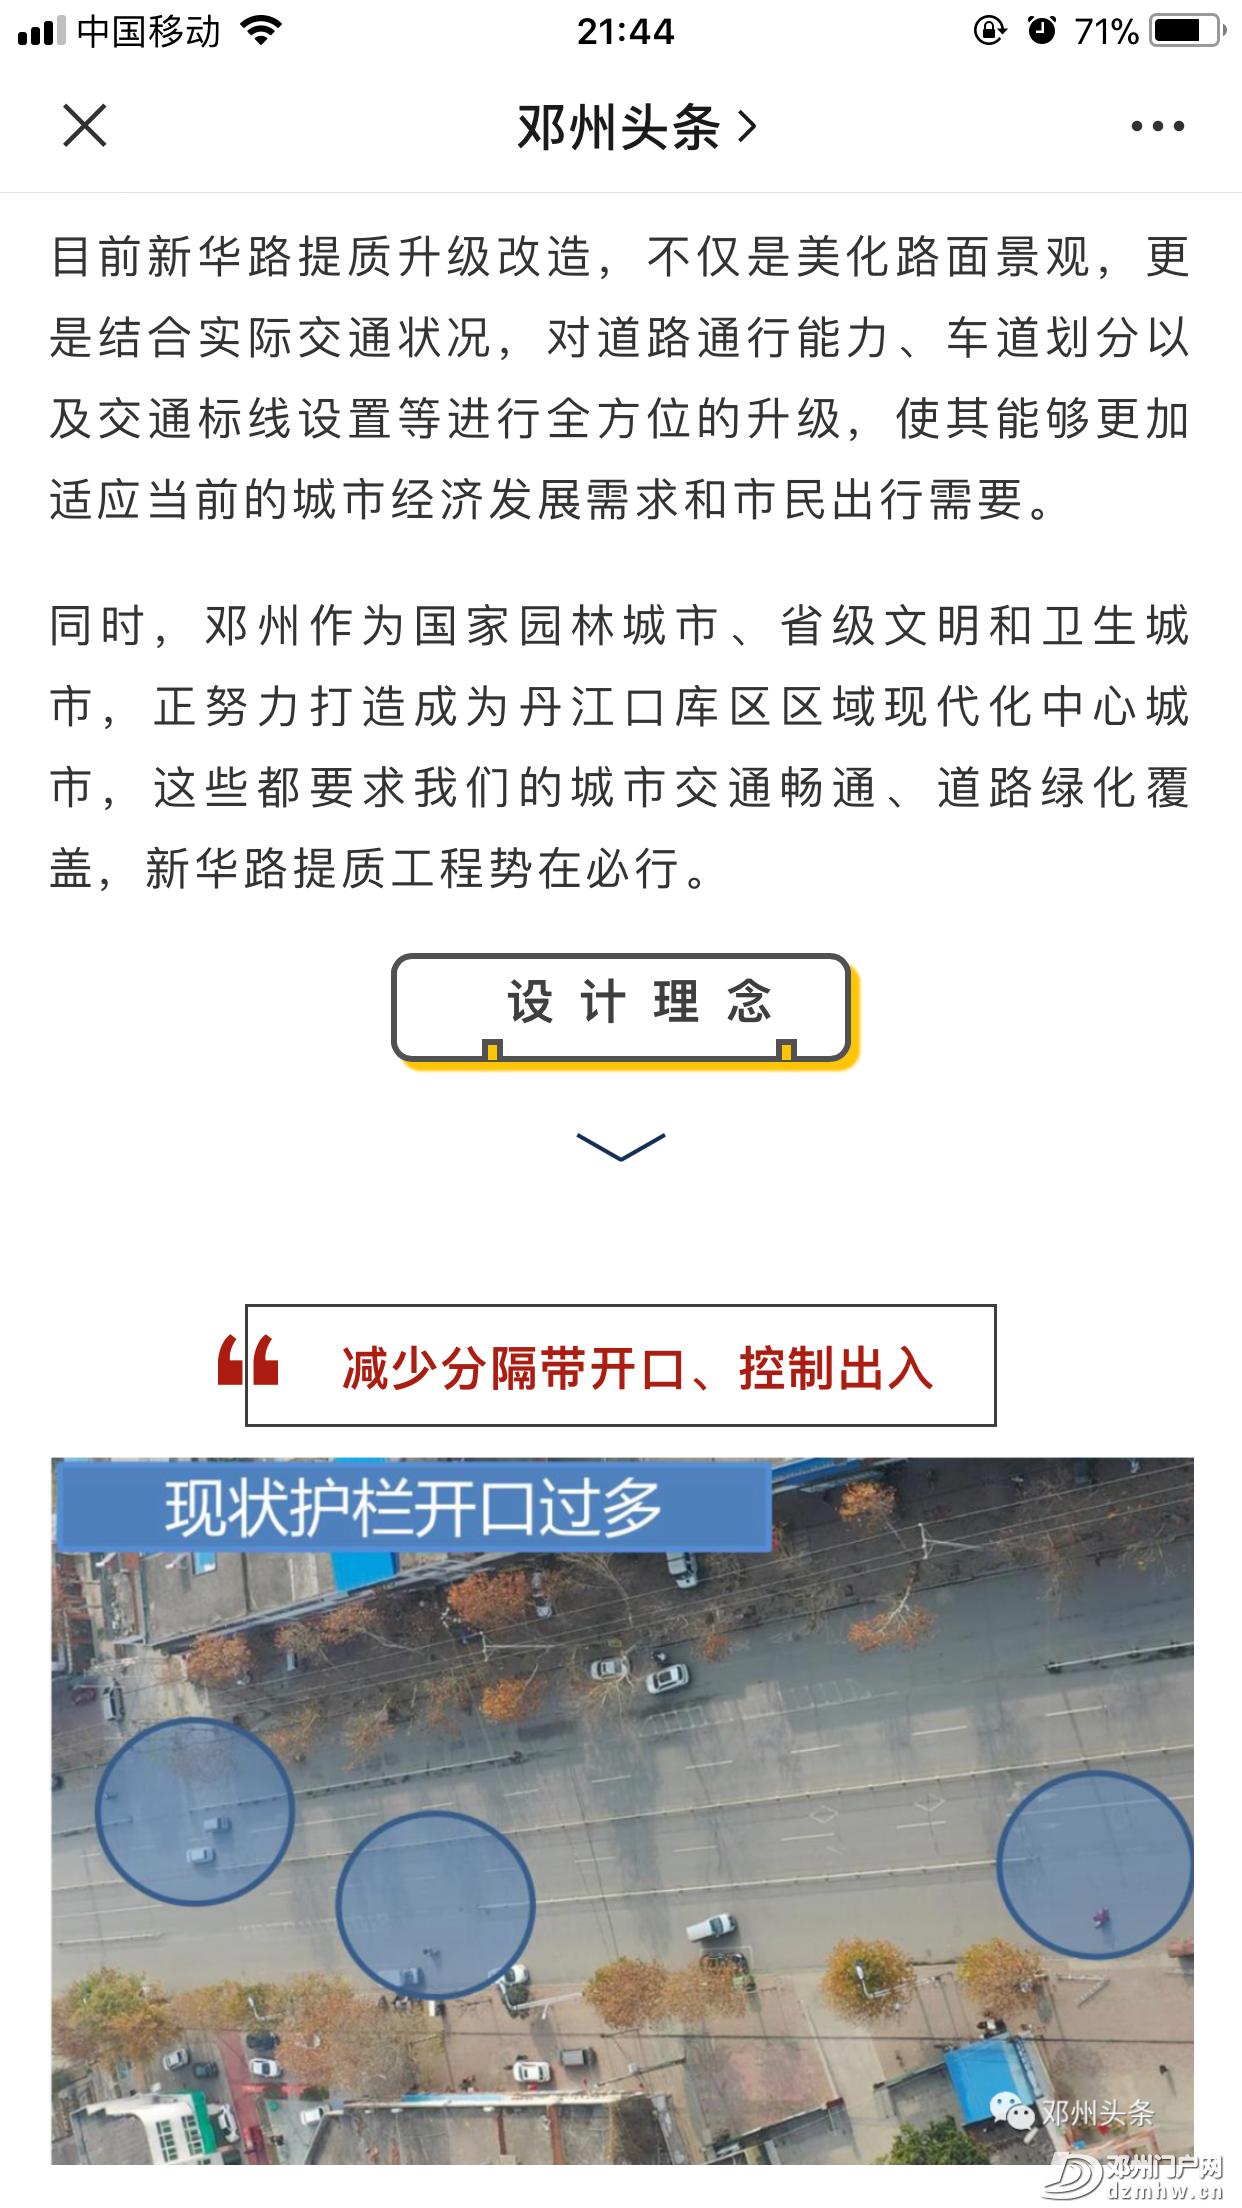 记者现场探访:带你了解新华路提质改造工程最新进展! - 邓州门户网|邓州网 - 0aaf99d446b42b3b660f2aac79b236e7.png